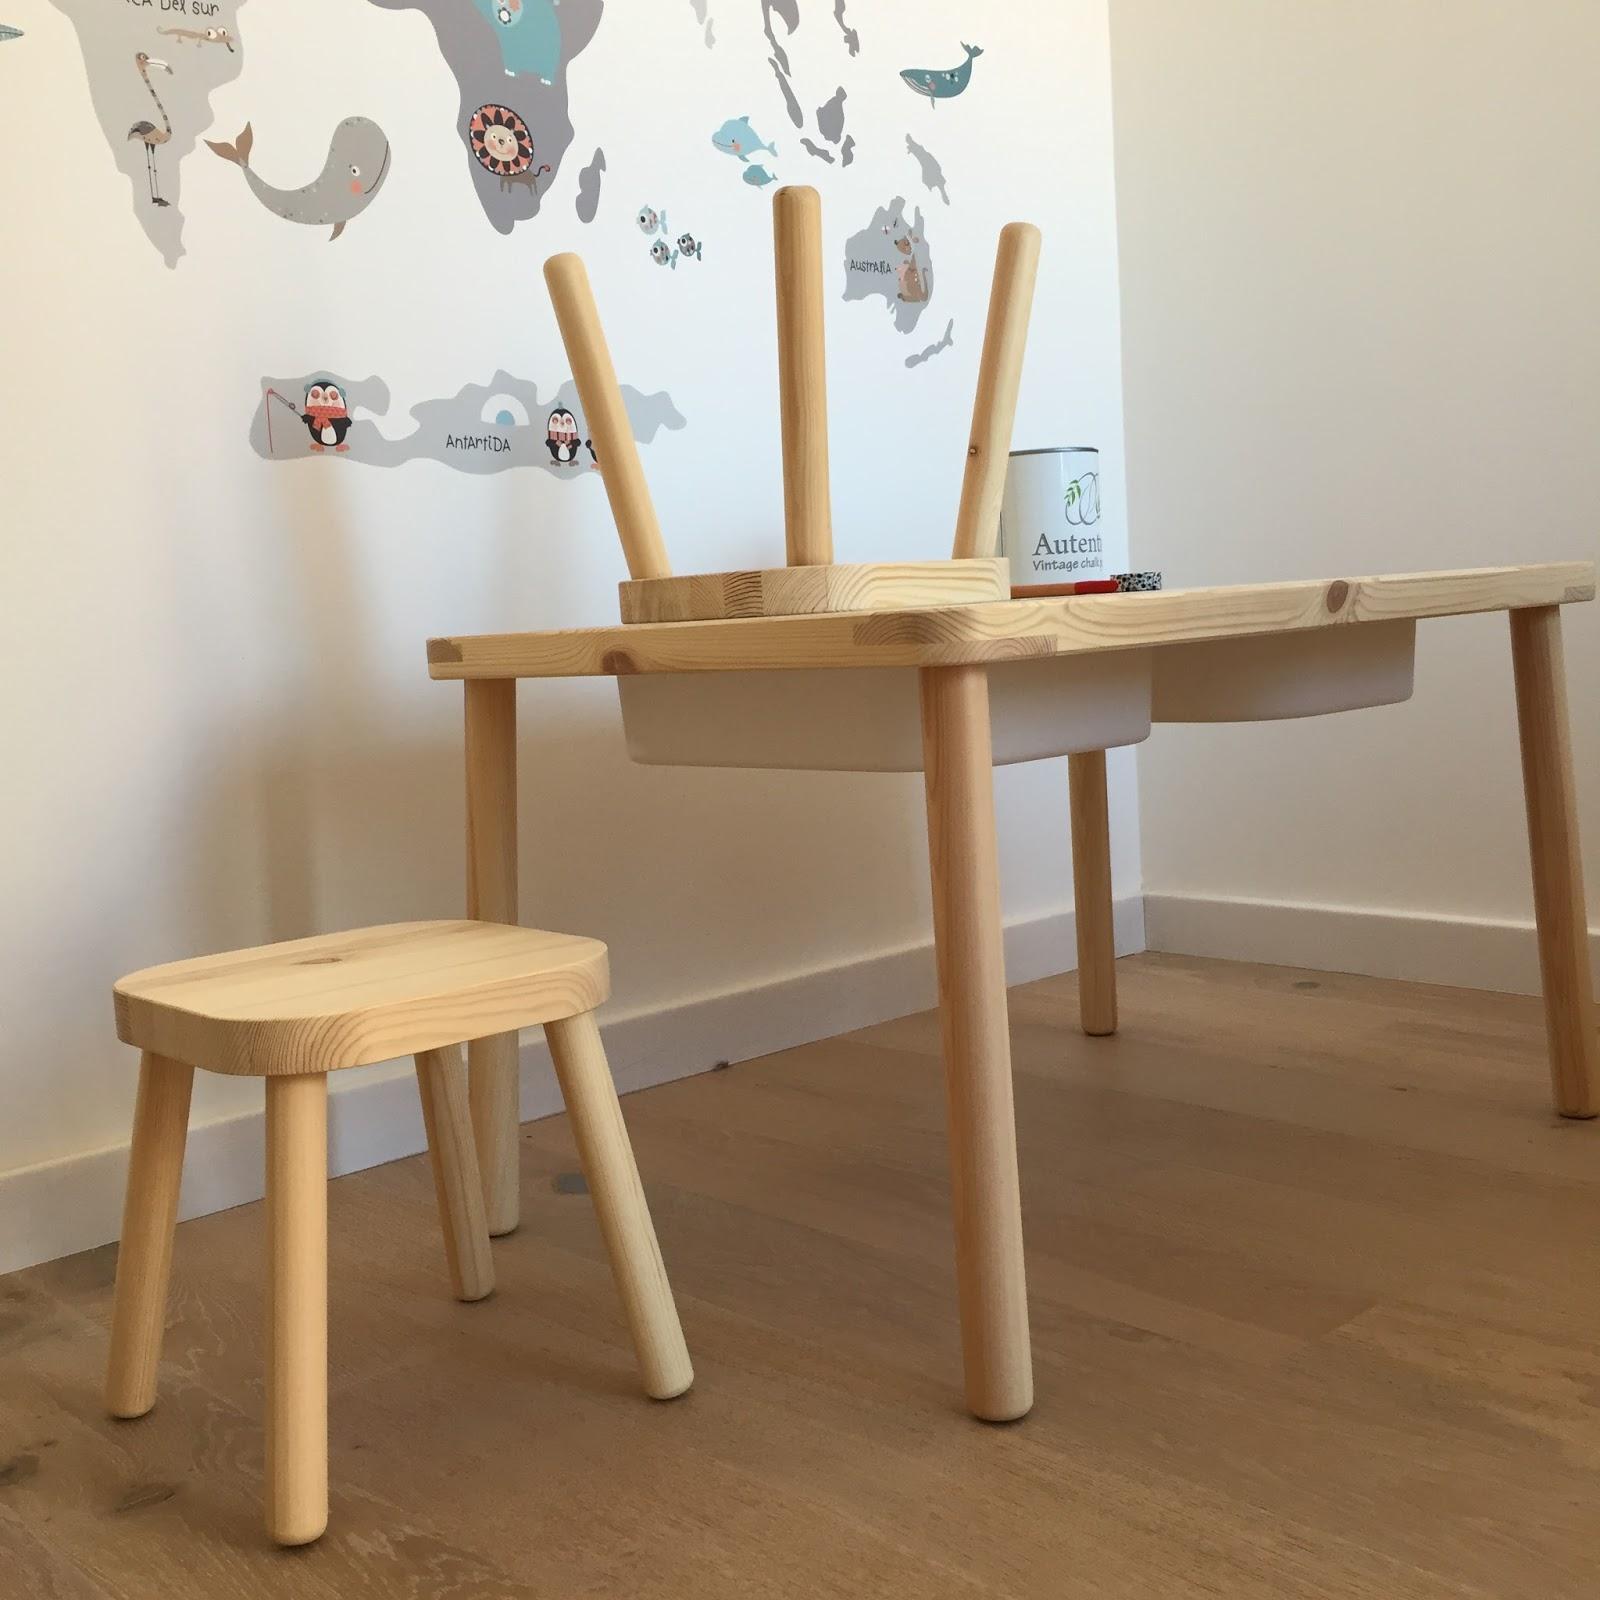 Estoreta quotidien diy muebles montessori de ikea con un - Patas para muebles ikea ...